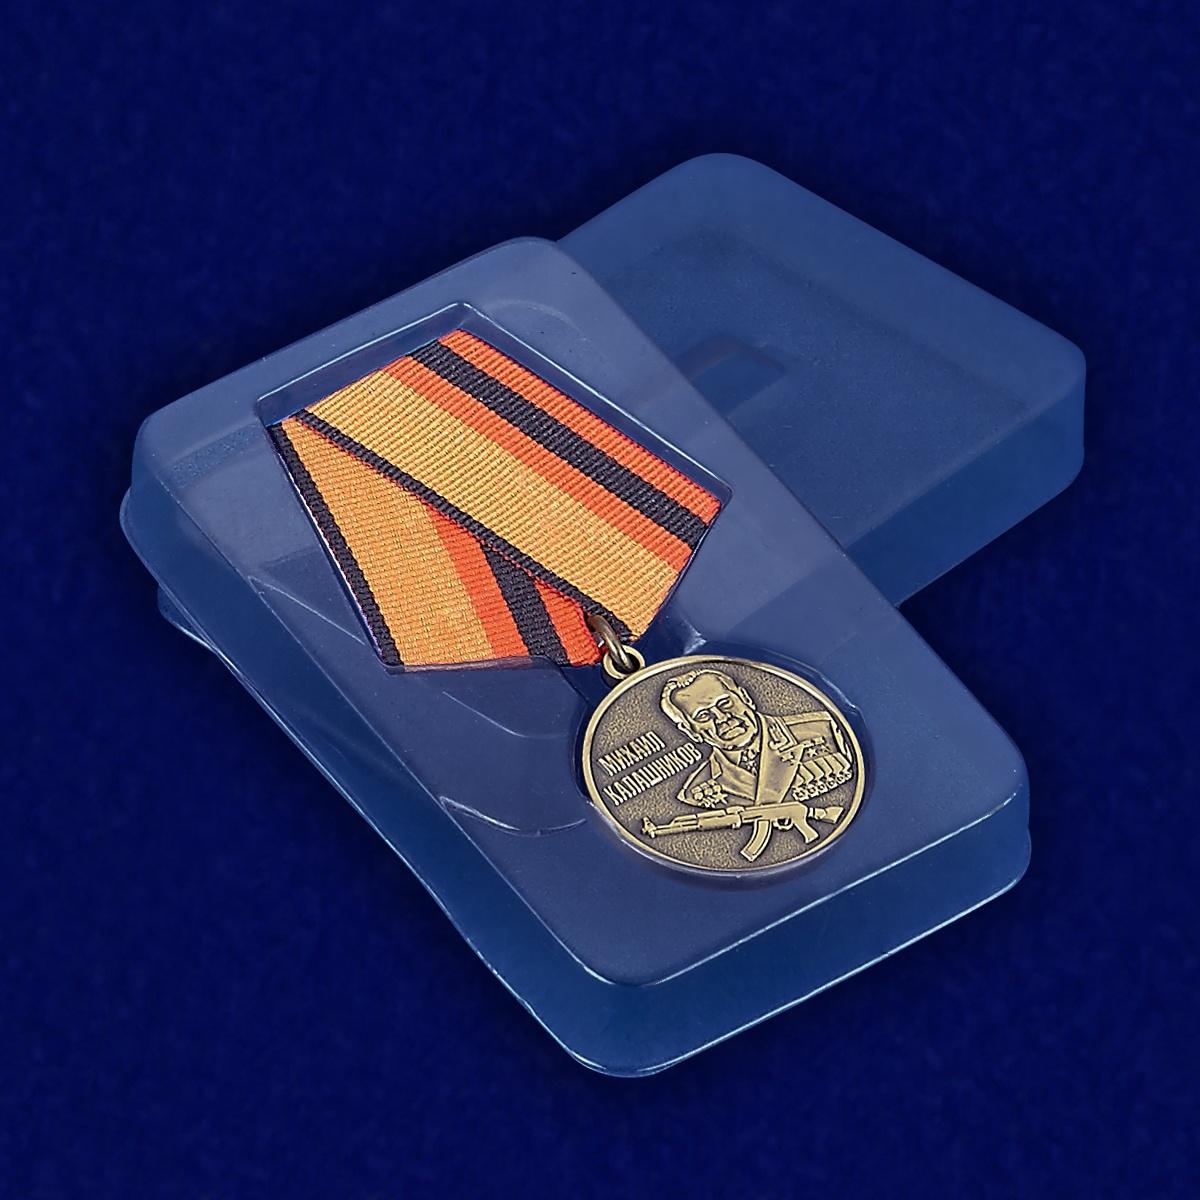 Медаль МО РФ «Михаил Калашников» в футляре